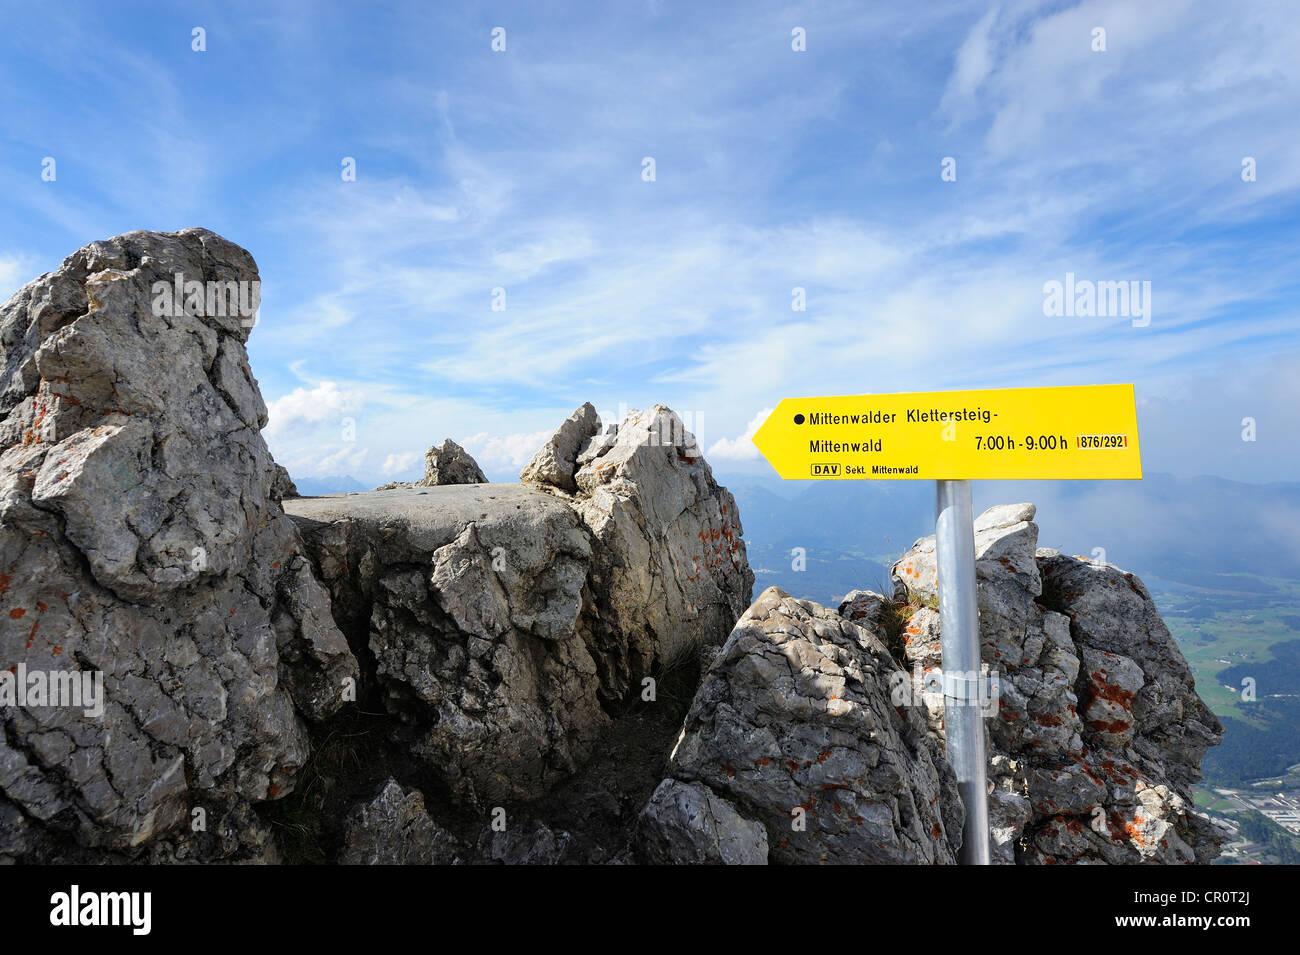 Klettersteig Near Munich : Wegweiser zu den mittenwalder klettersteig karwendel gebirge in der